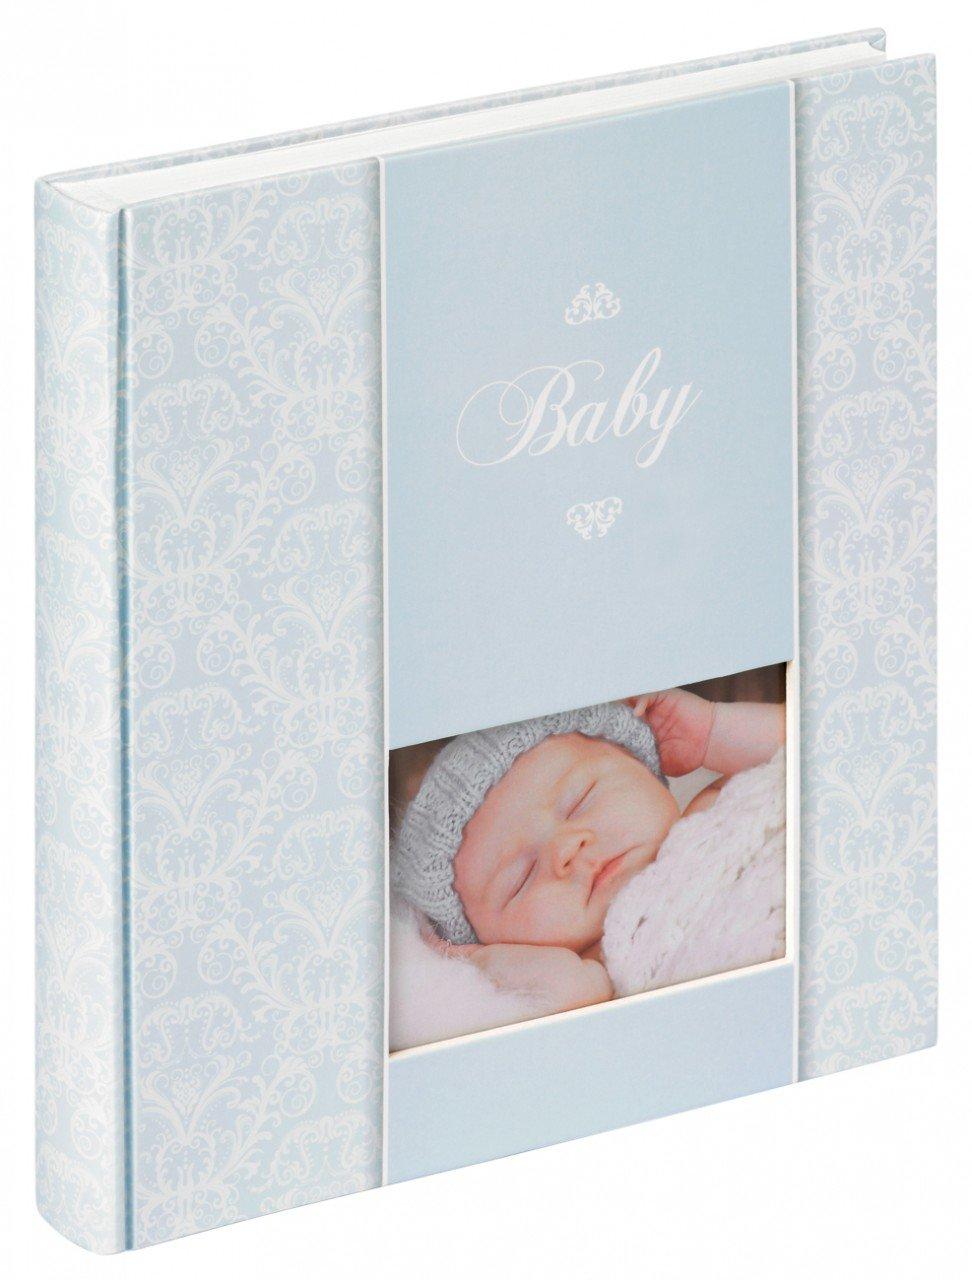 Walther Babyalbum DAYDREAMER - 30,5 x 28 cm - für bis zu 224 Bilder 10x15 - 50 Seiten - Mädchen oder Junge, Farbe:Blau Quantio